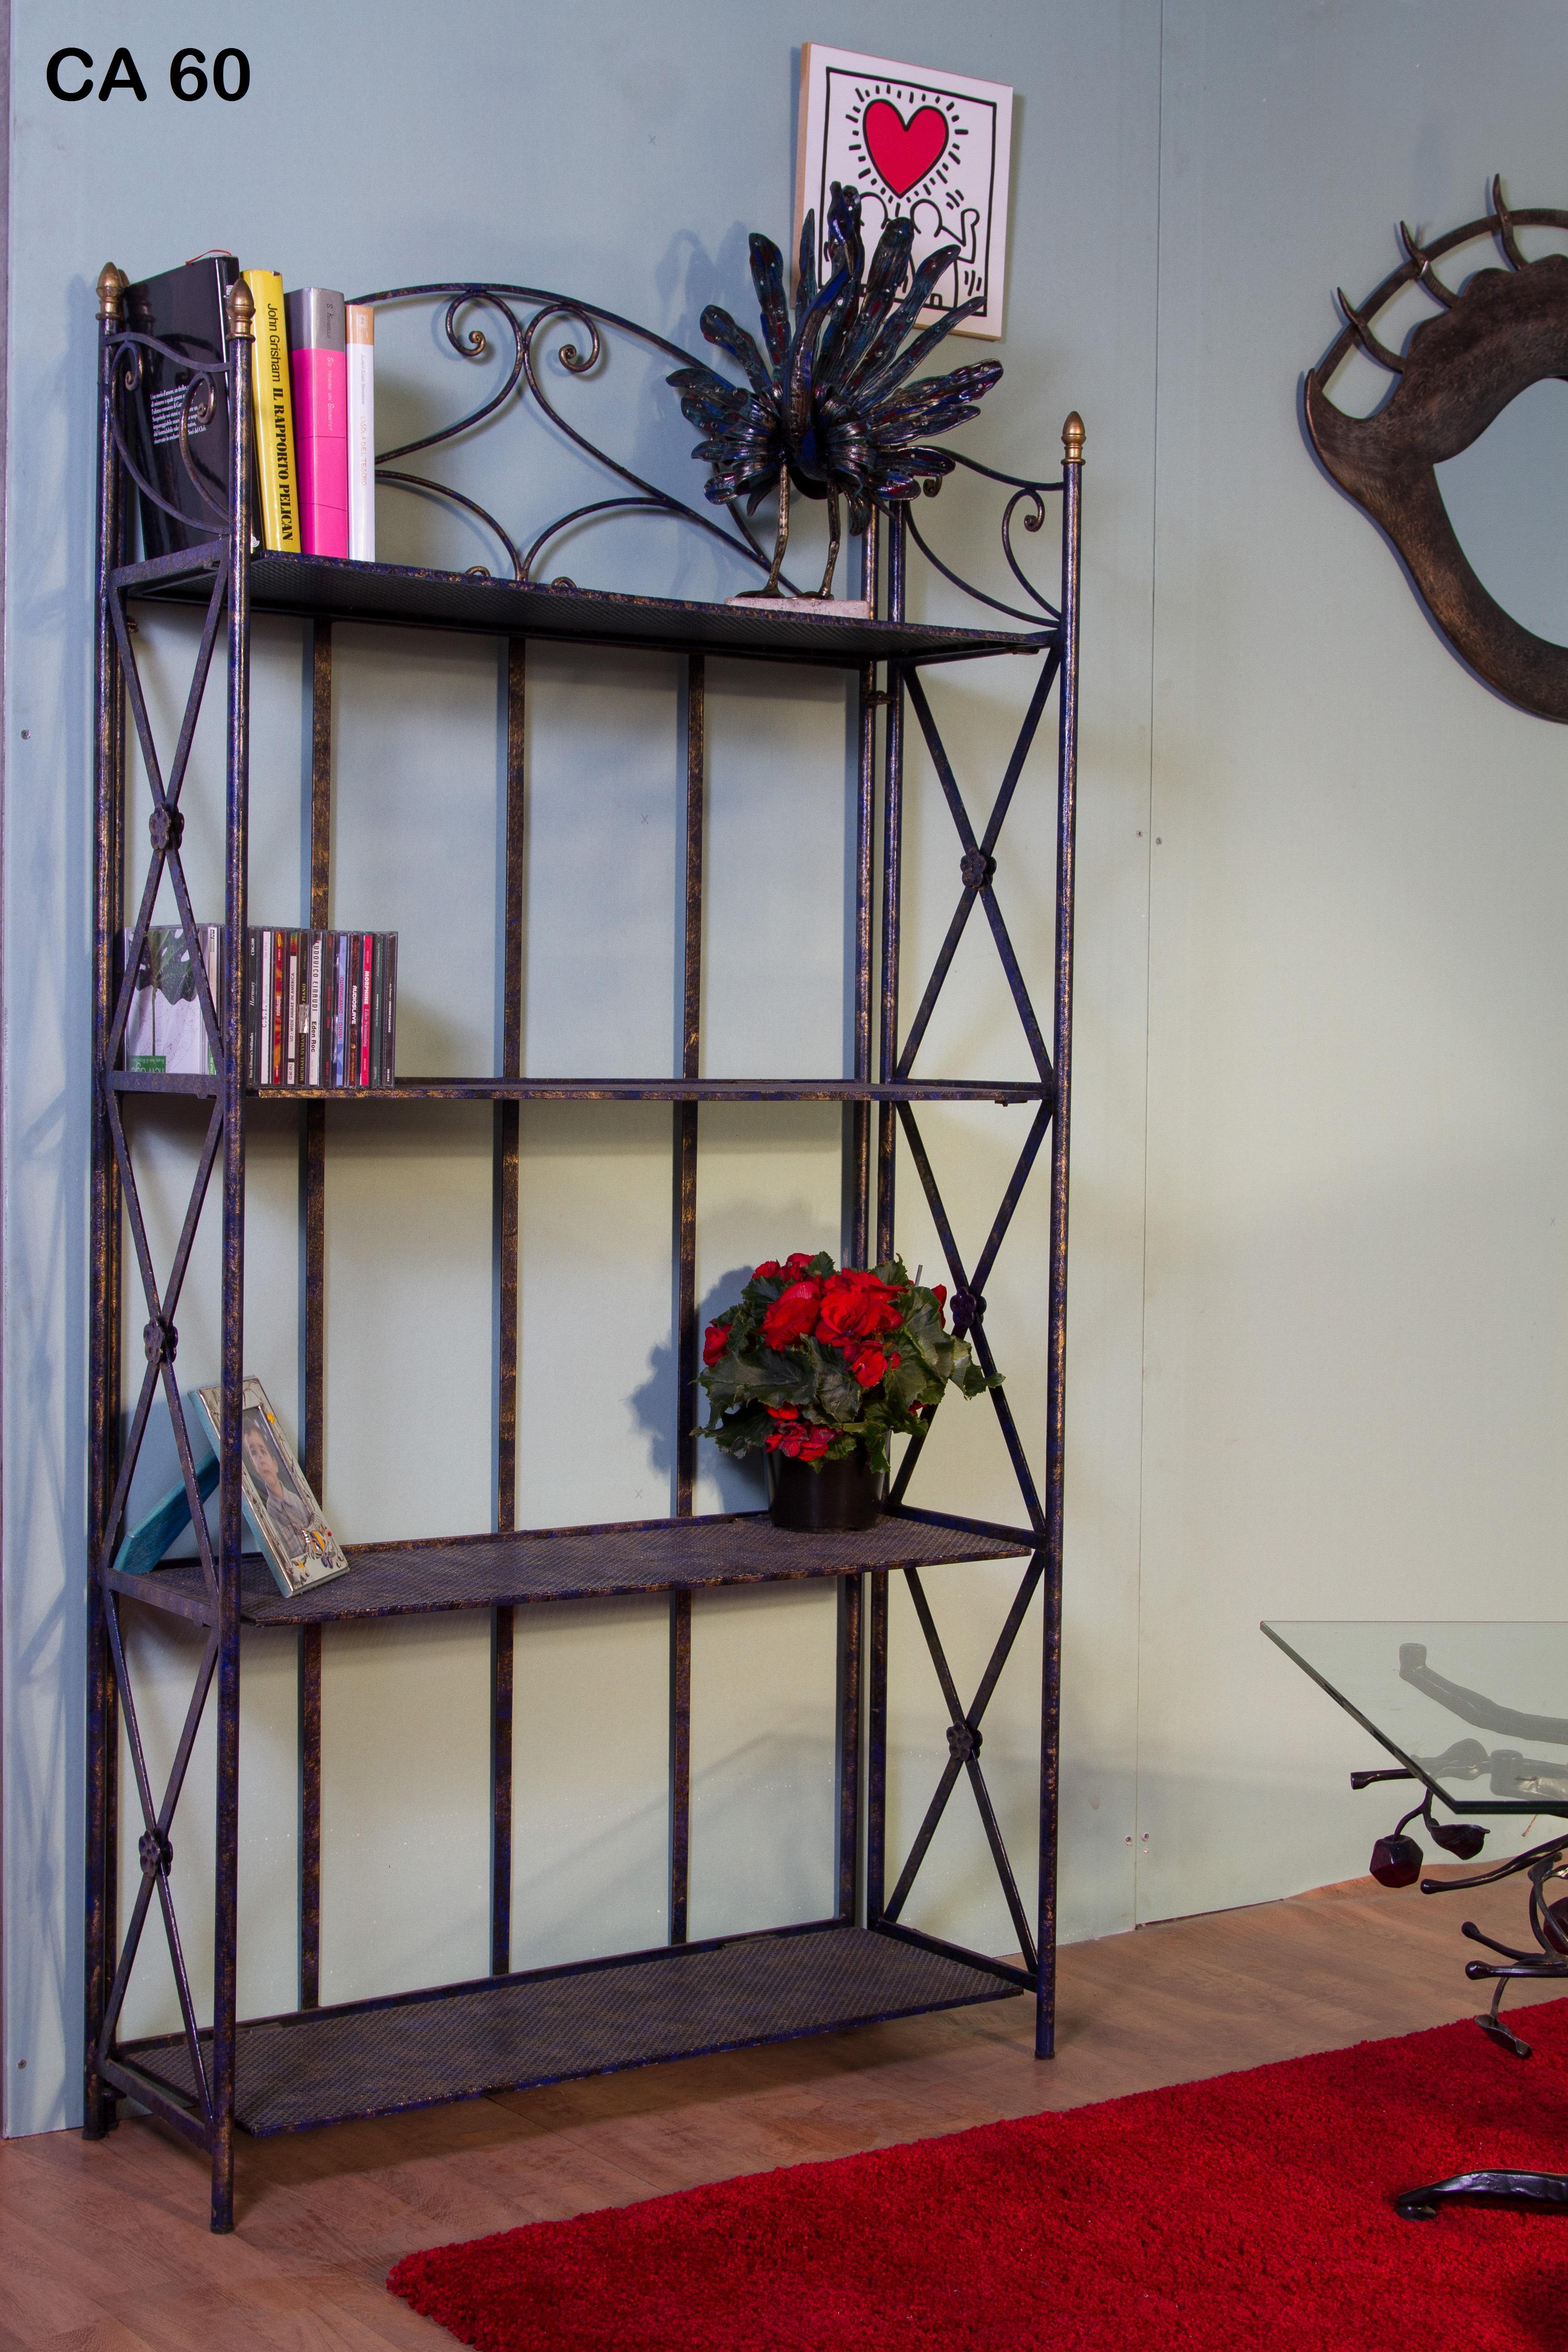 Libreria/Etagere in ferro battuto CA 60 - Iron Art | Lavorazione ...